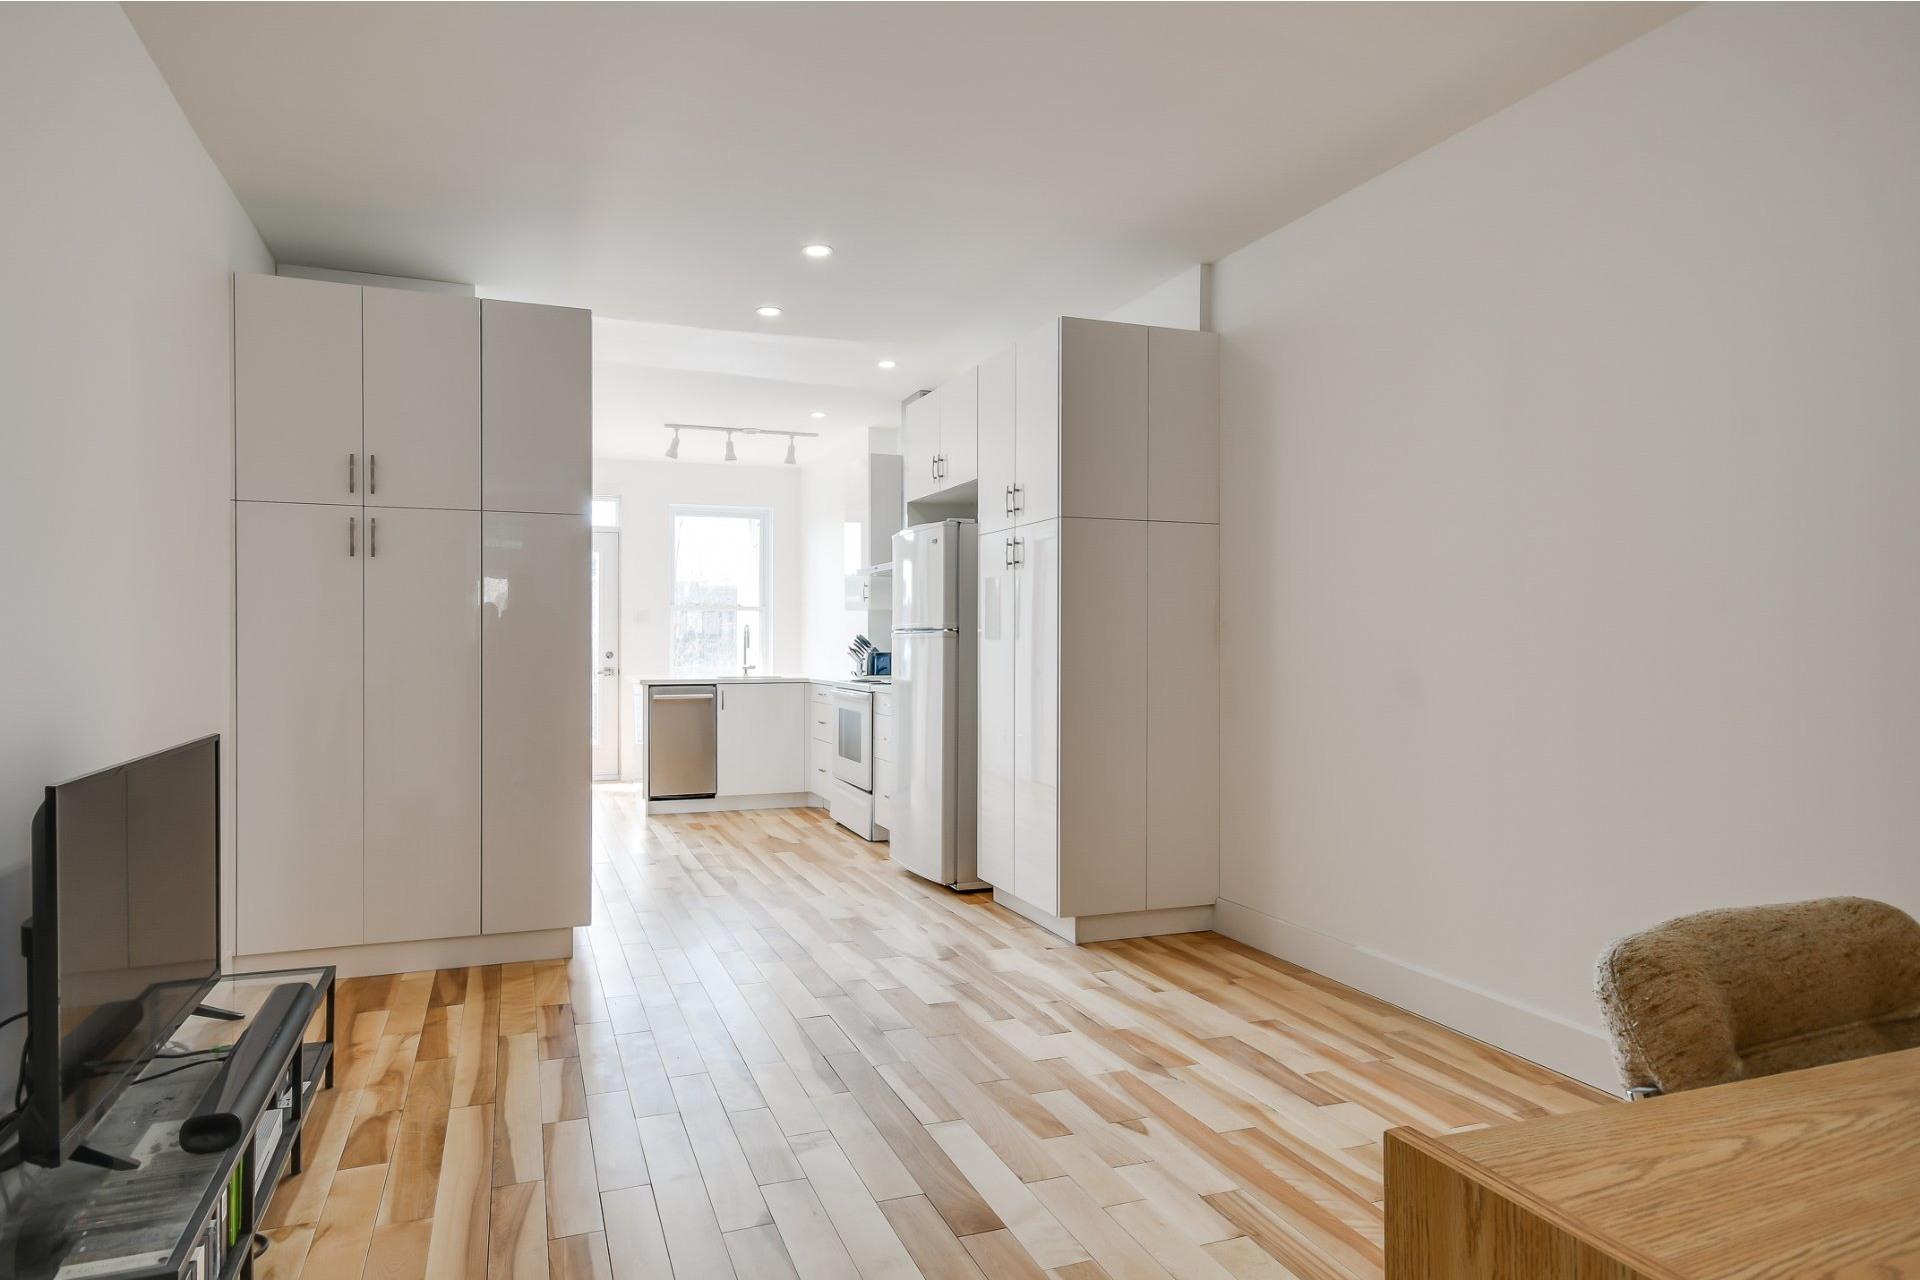 image 6 - Apartment For sale Rosemont/La Petite-Patrie Montréal  - 4 rooms